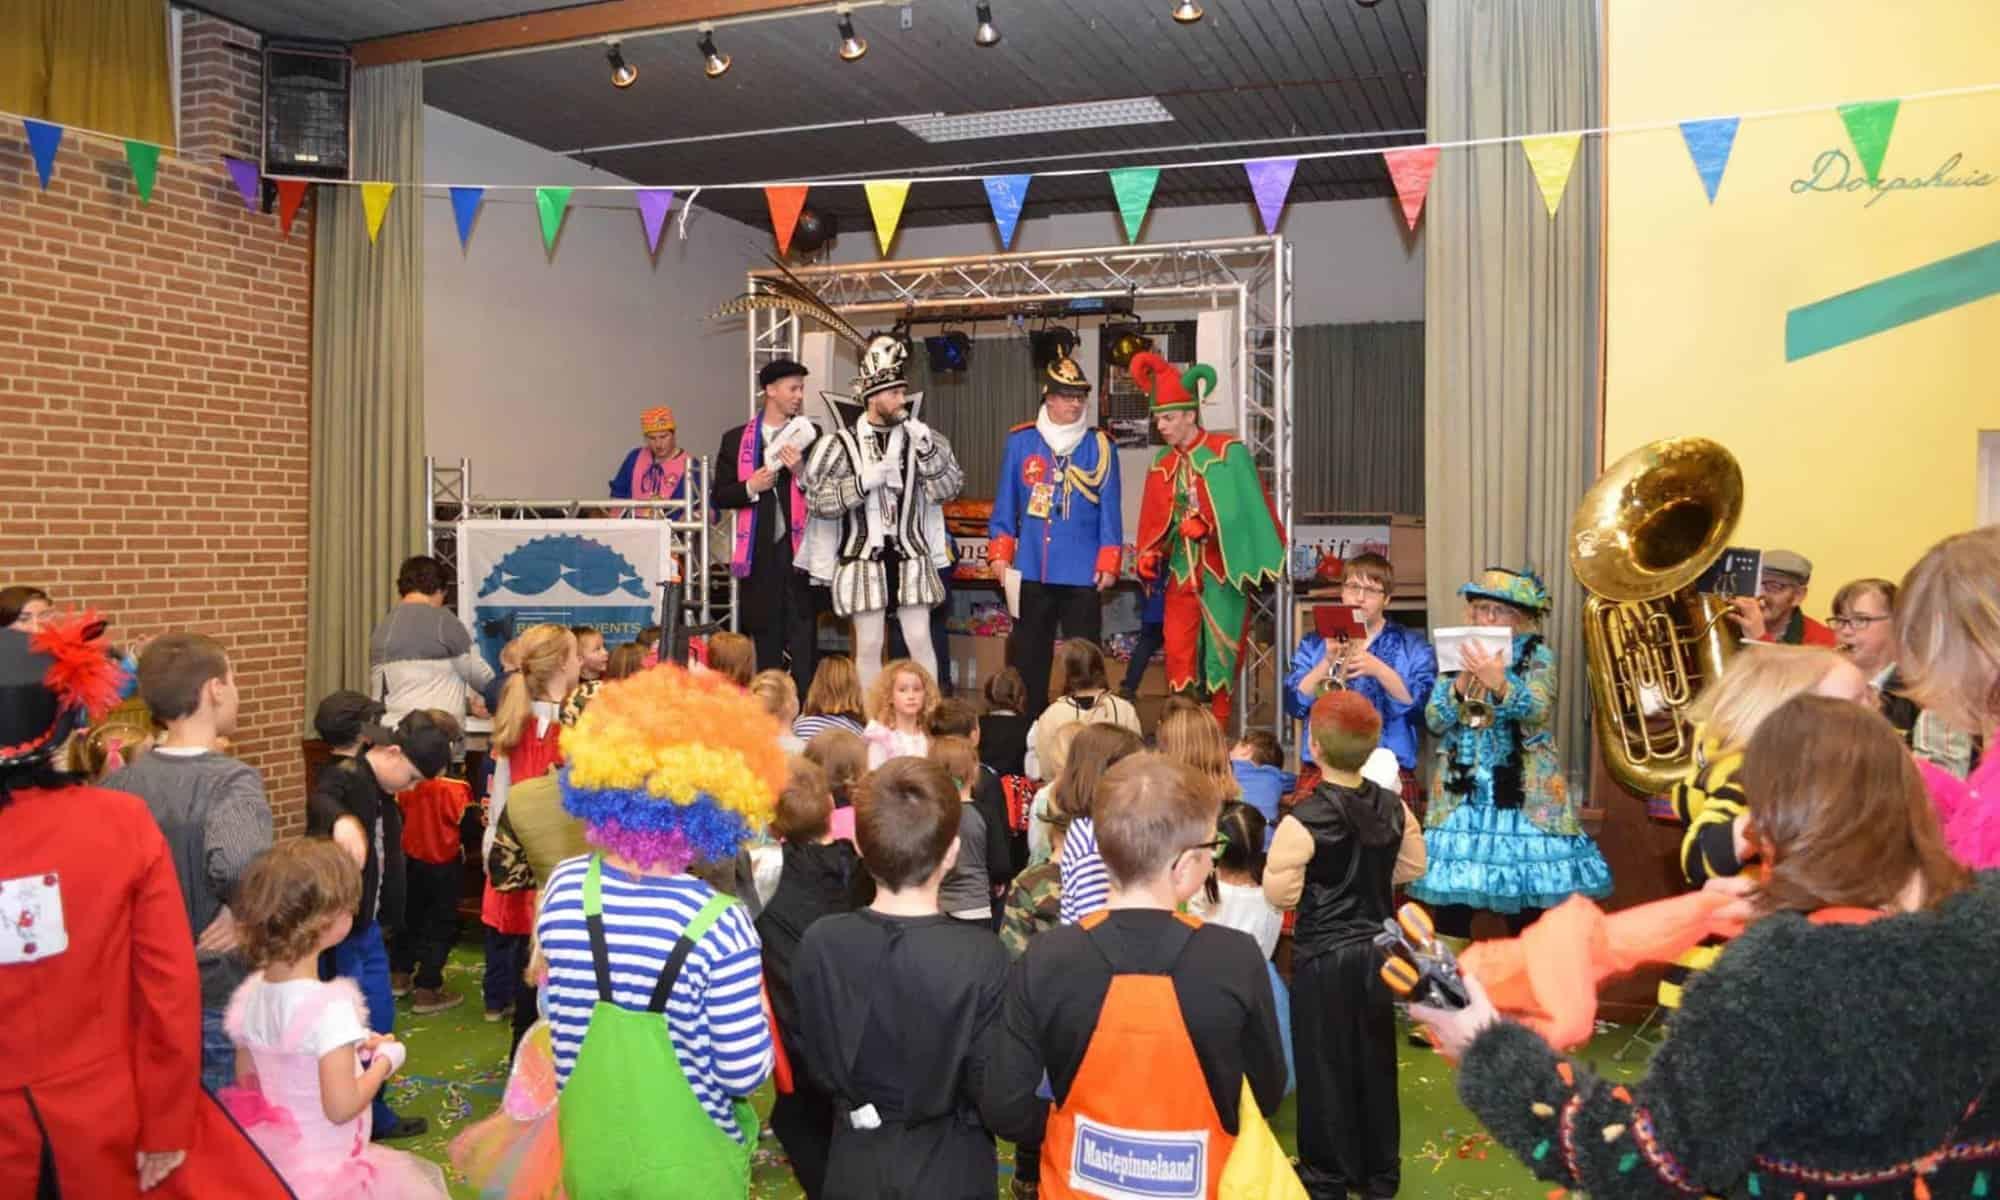 Kindermiddag carnaval Wouwse Plantage, spelen